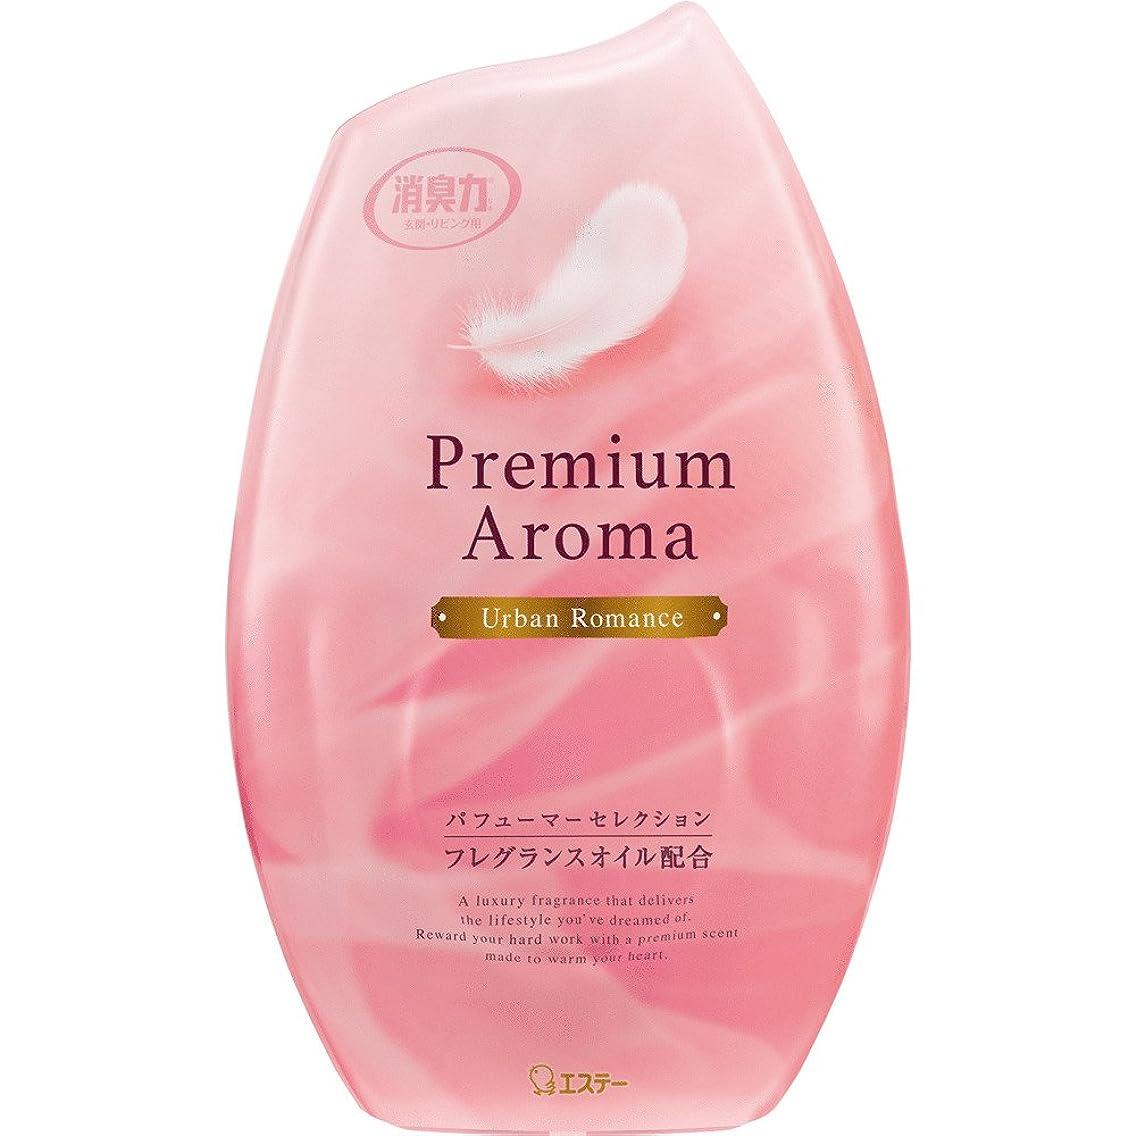 安息溶融反対お部屋の消臭力 プレミアムアロマ Premium Aroma 消臭芳香剤 部屋用 部屋 アーバンロマンスの香り 400ml